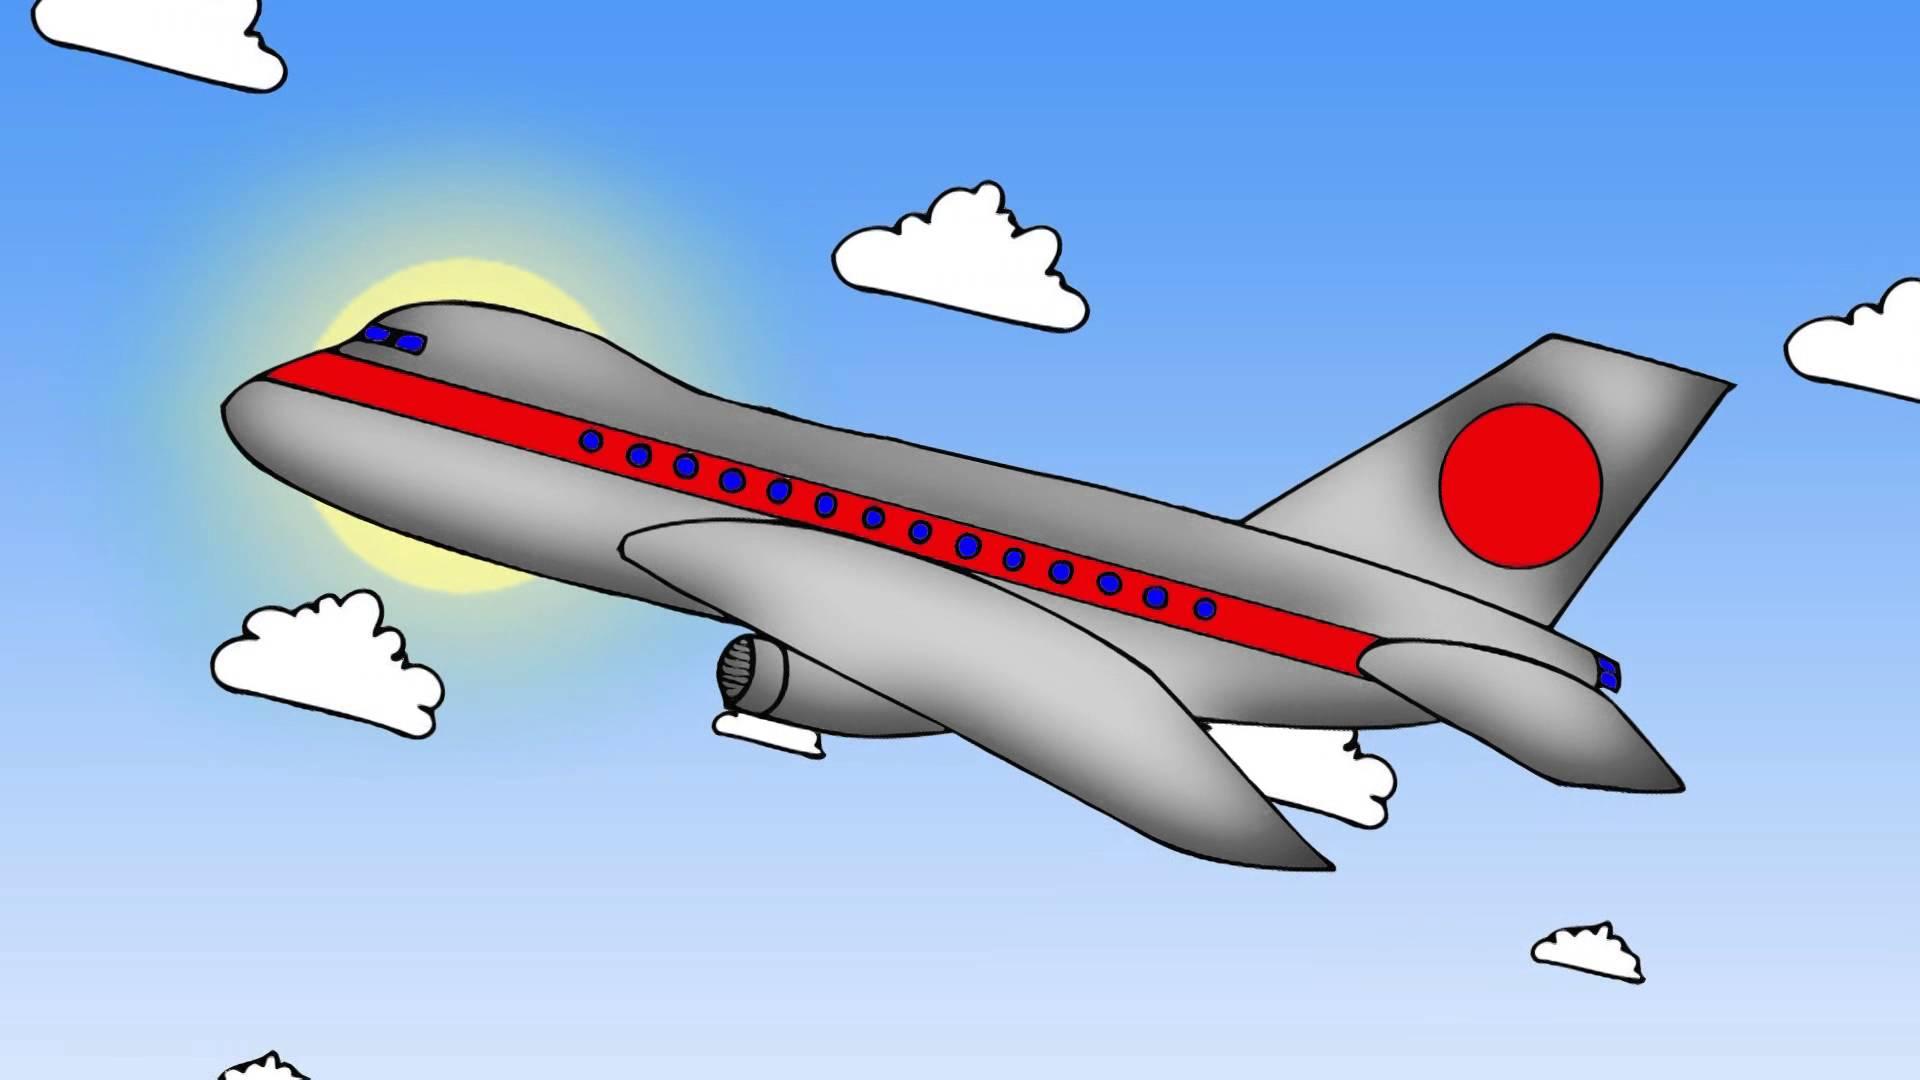 Нарисованная картинка самолета